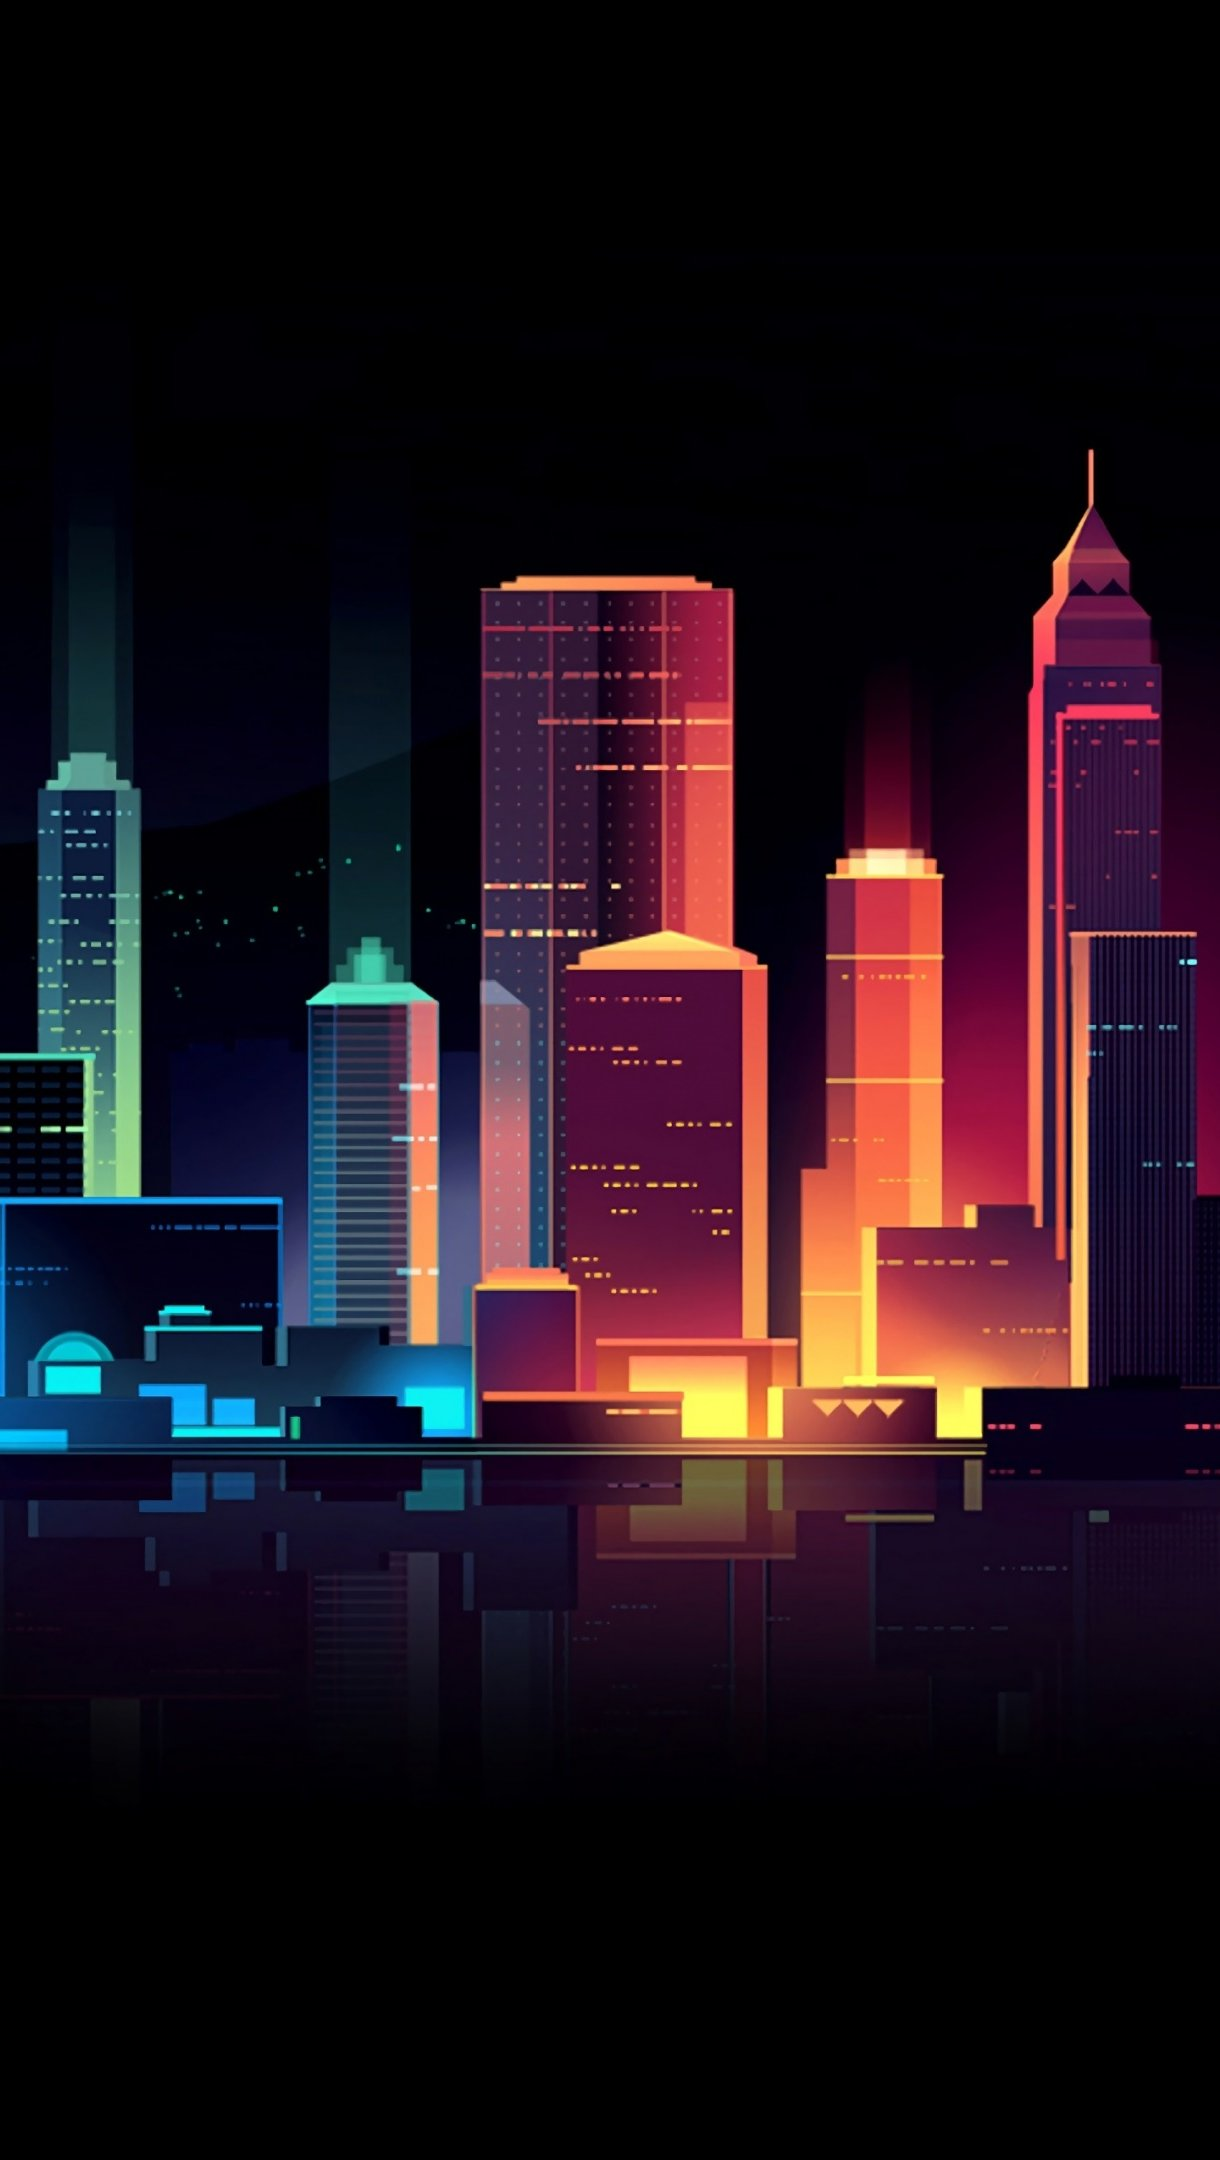 Fondos de pantalla Ciudad colores Neon Vertical